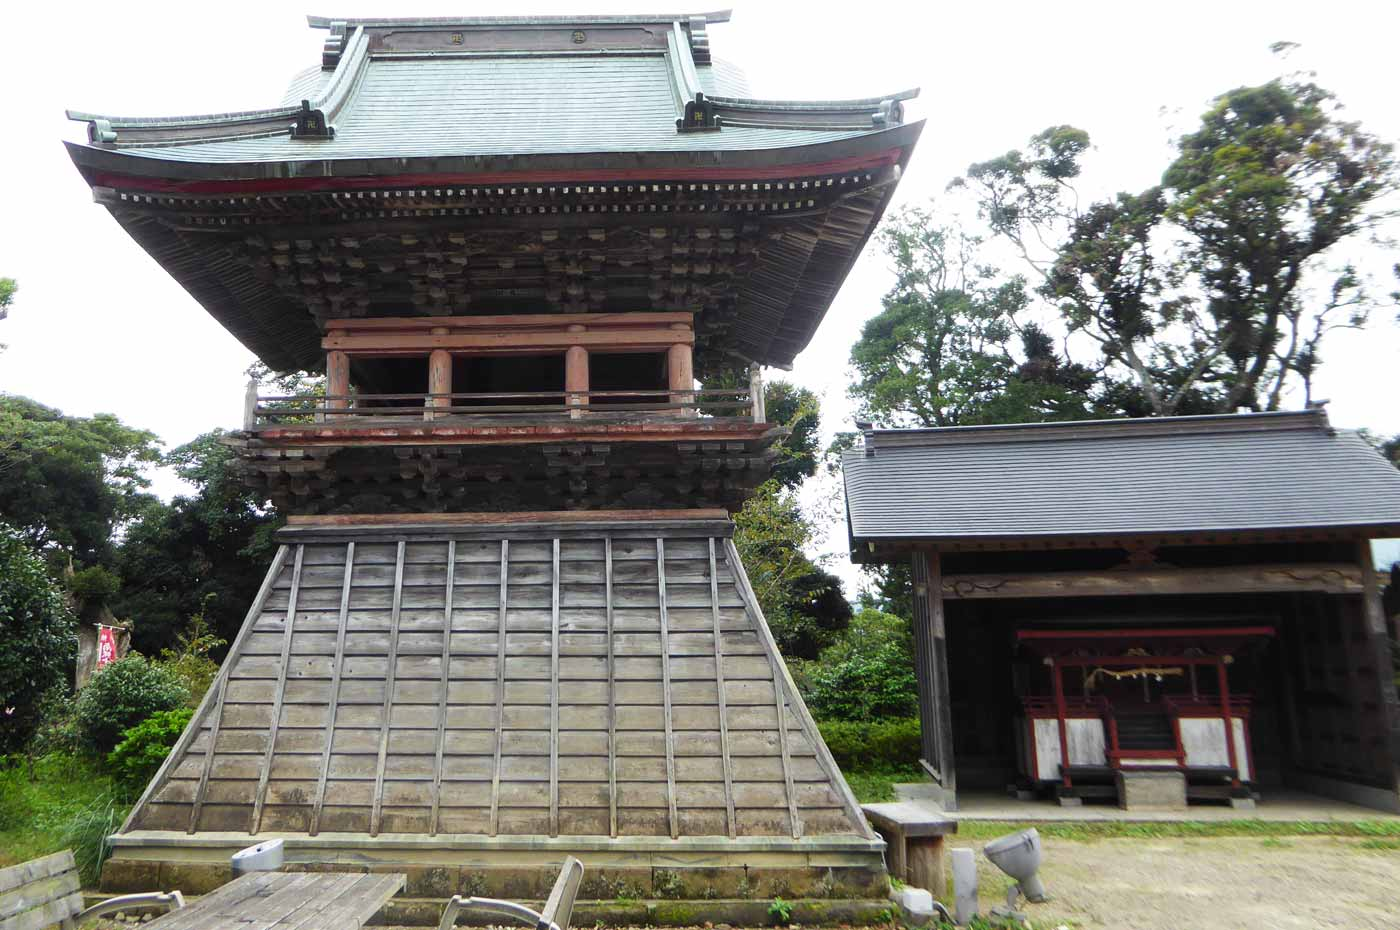 石堂寺鐘楼堂(南房総市指定文化財)の画像